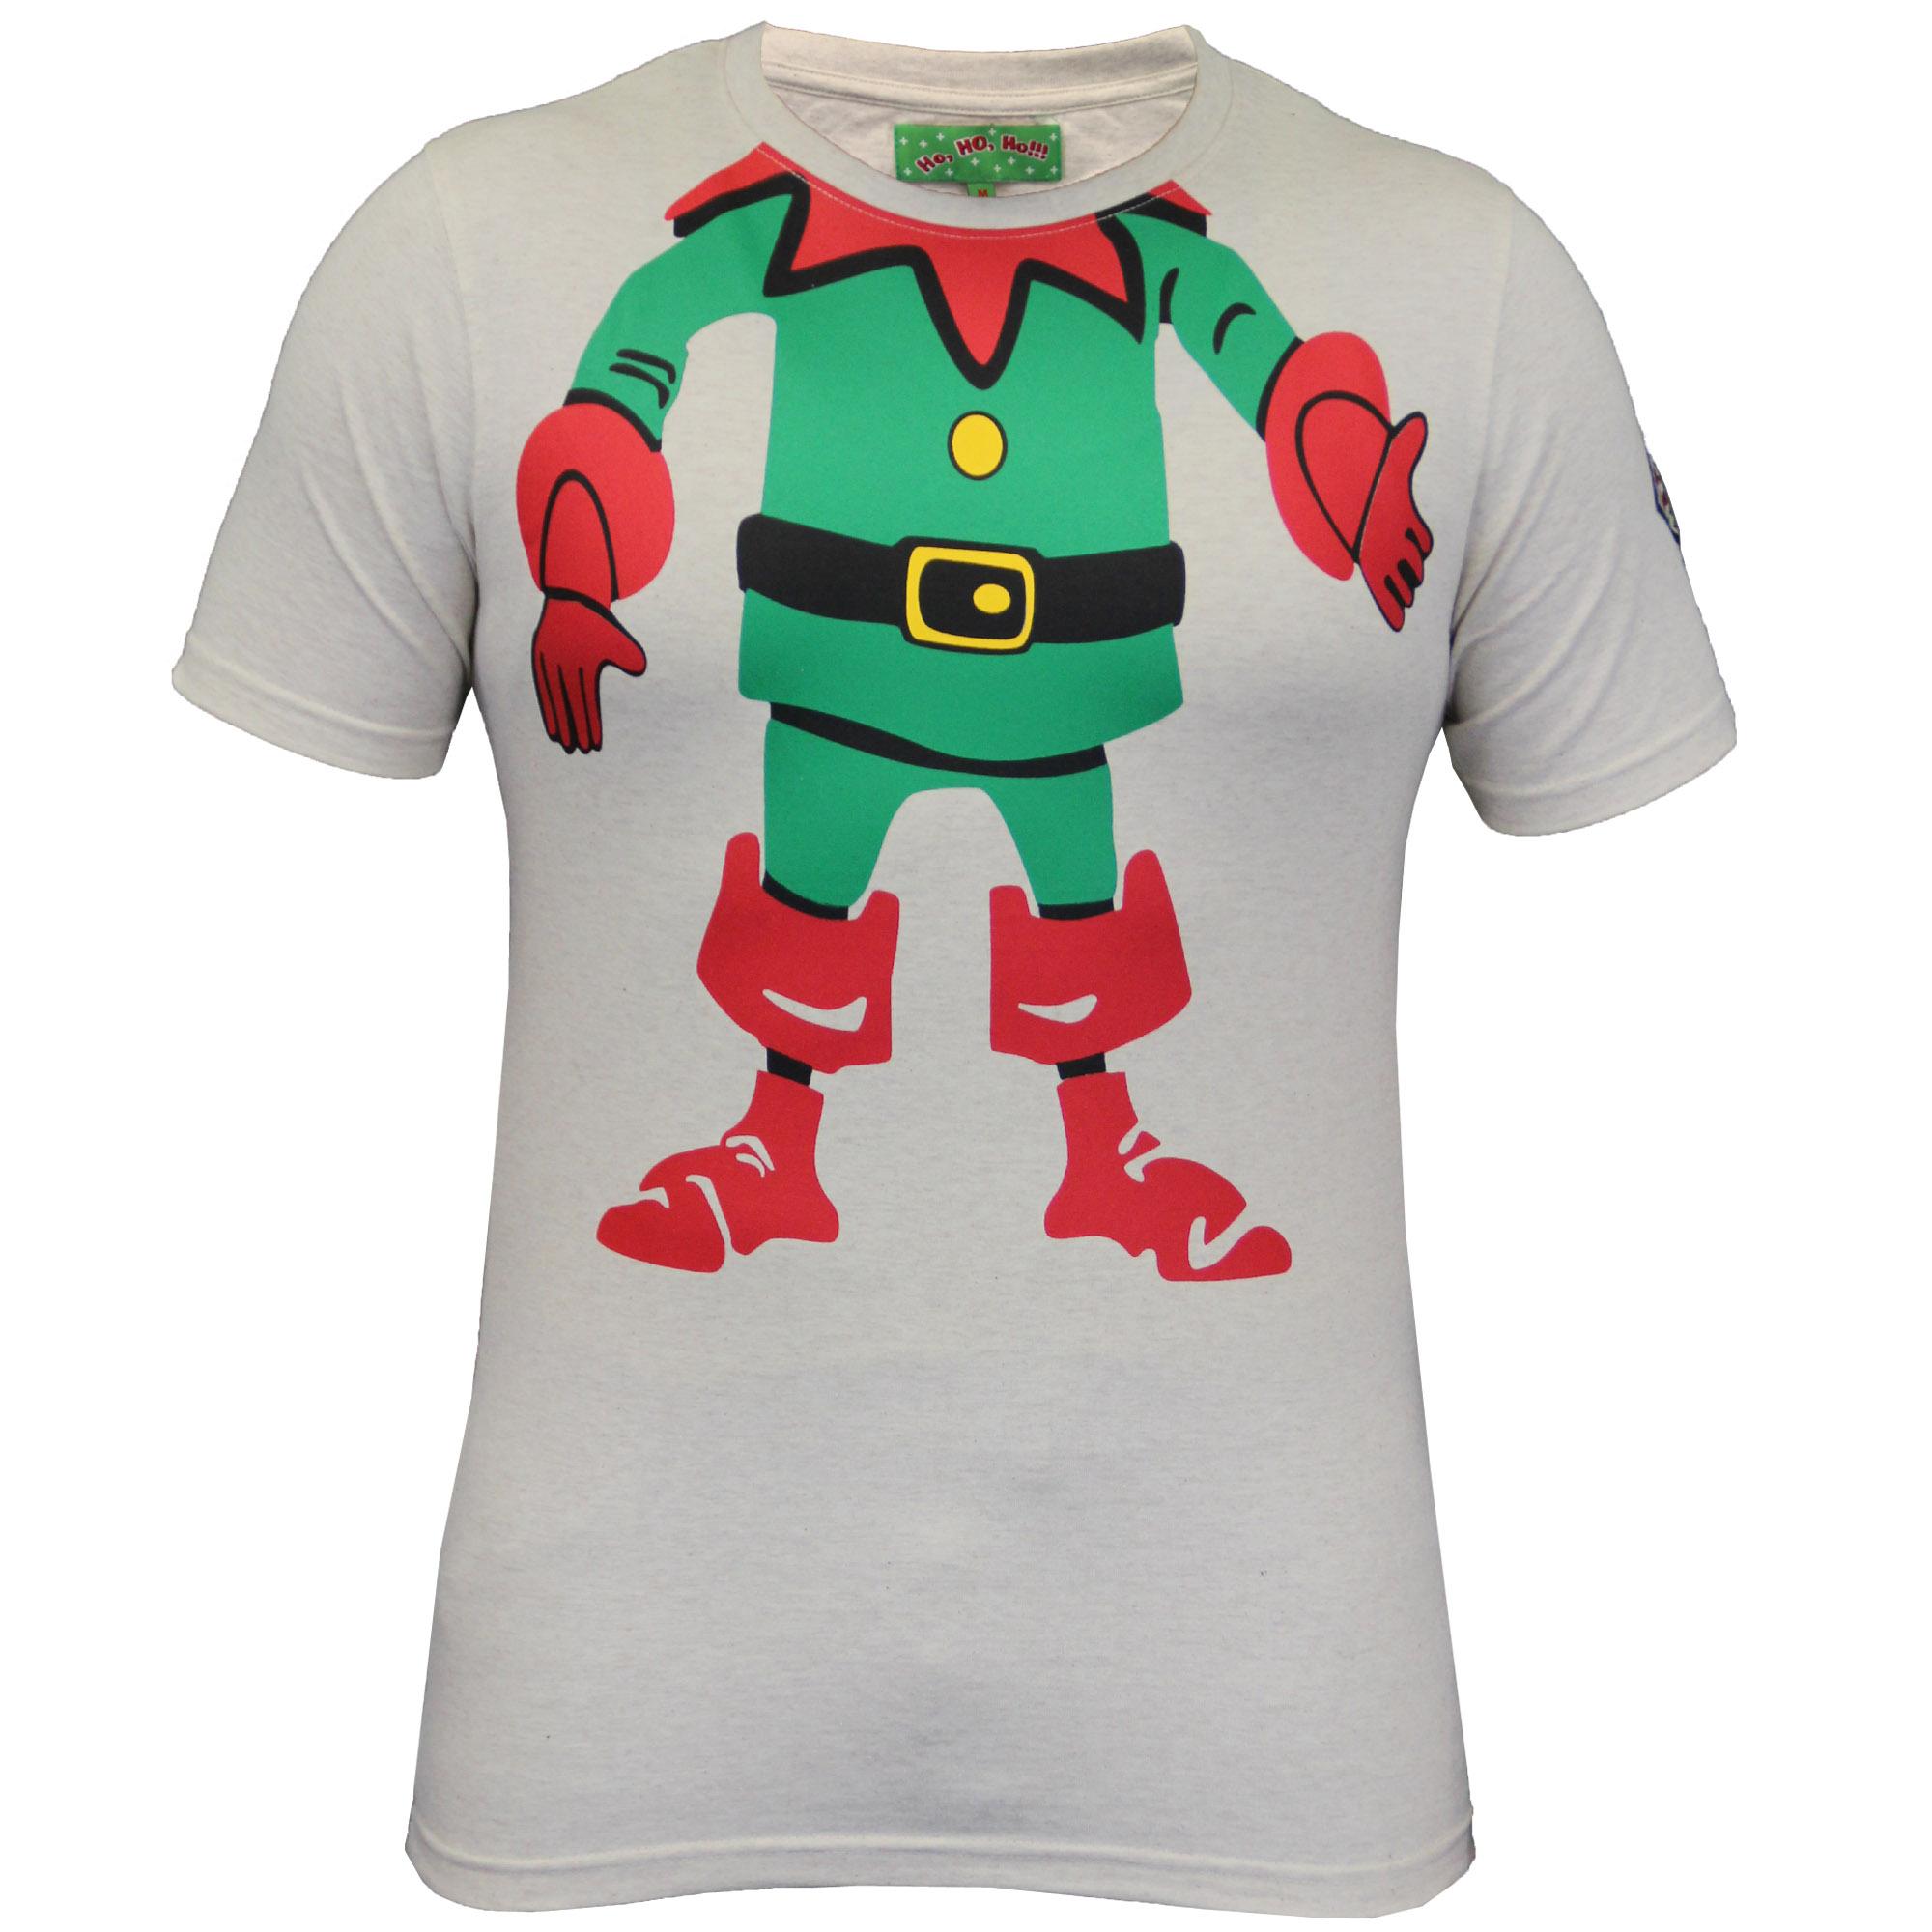 0ab6faa6 Mens Christmas T Shirt Ho Ho Ho Xmas Emoji Santa Claus Elf Reindeer ...